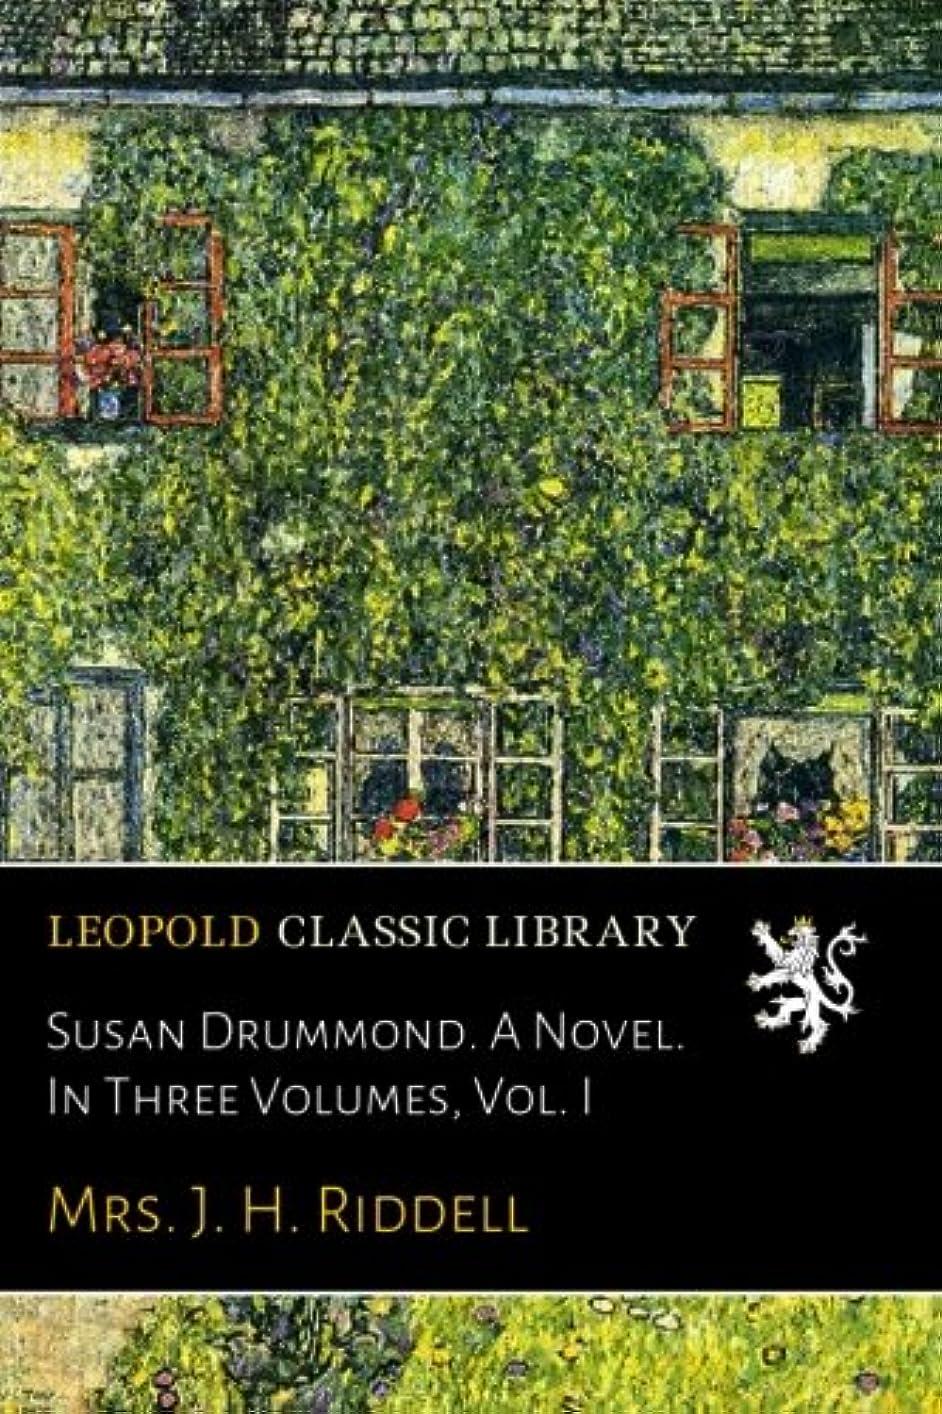 ビルダー適格メディックSusan Drummond. A Novel. In Three Volumes, Vol. I